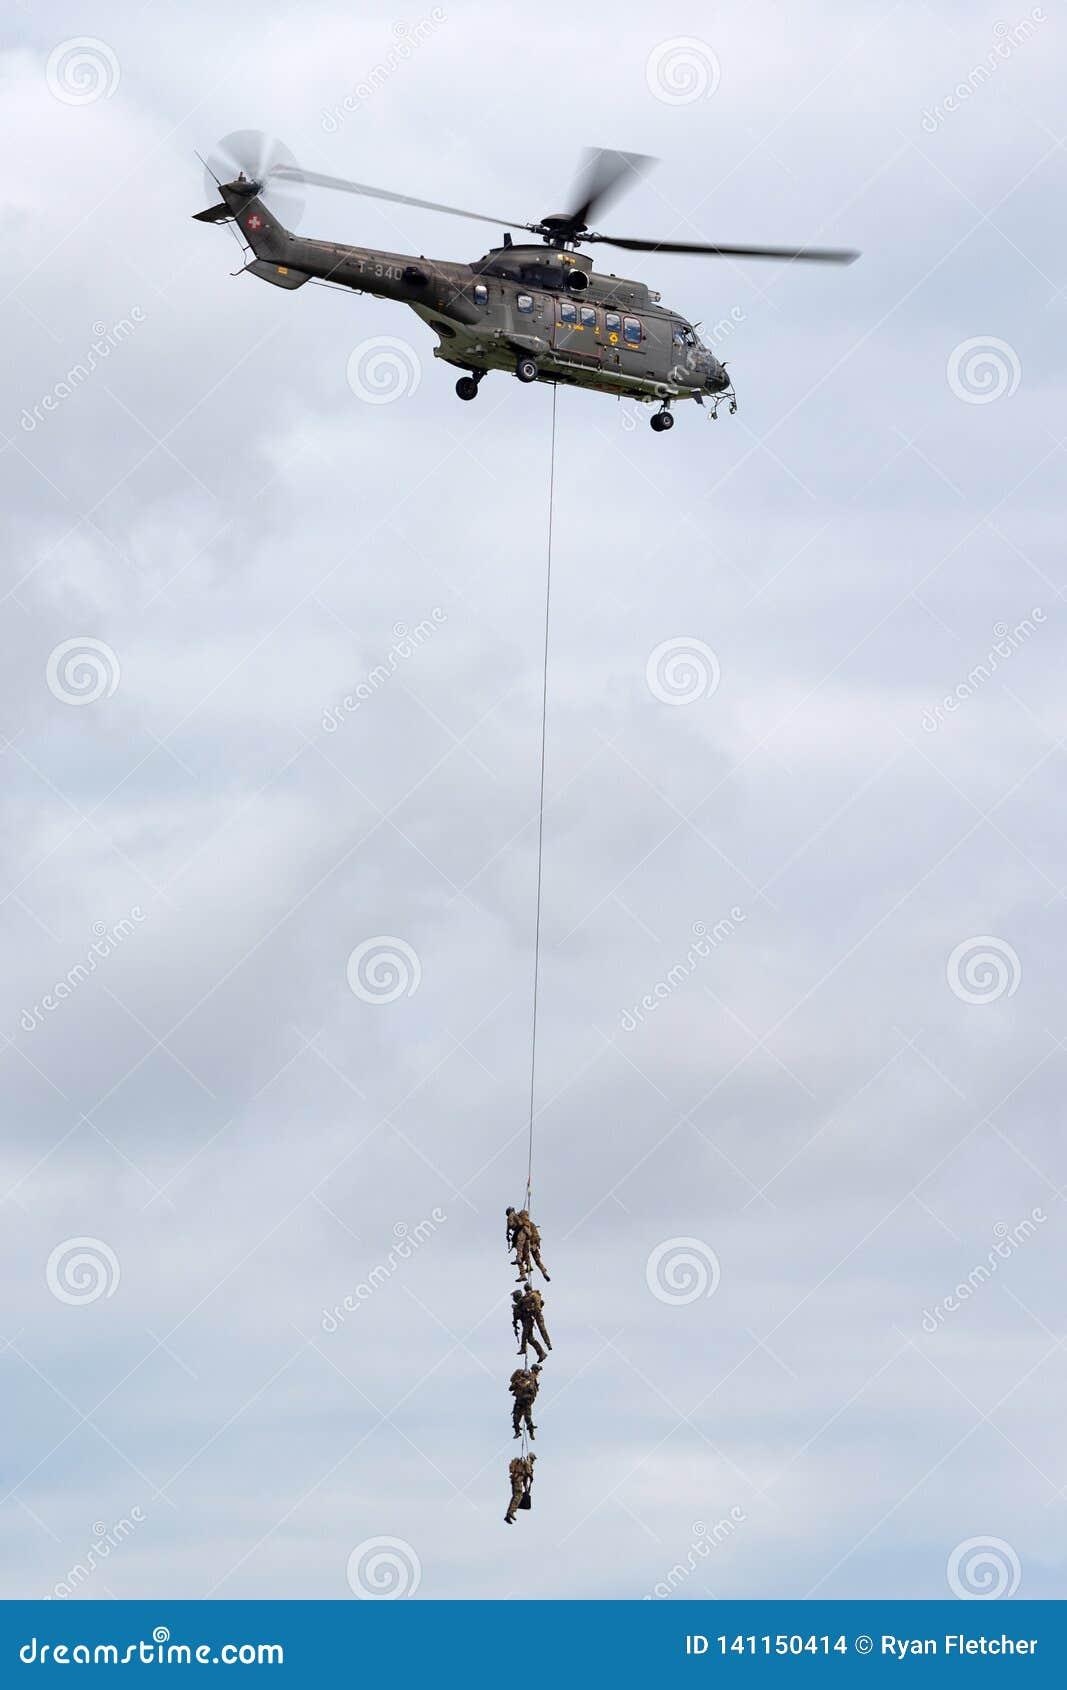 Helicóptero de serviço público militar suíço T-340 de Aeroespacial AS532 TH98 da força aérea que transporta tropas pela suspensão